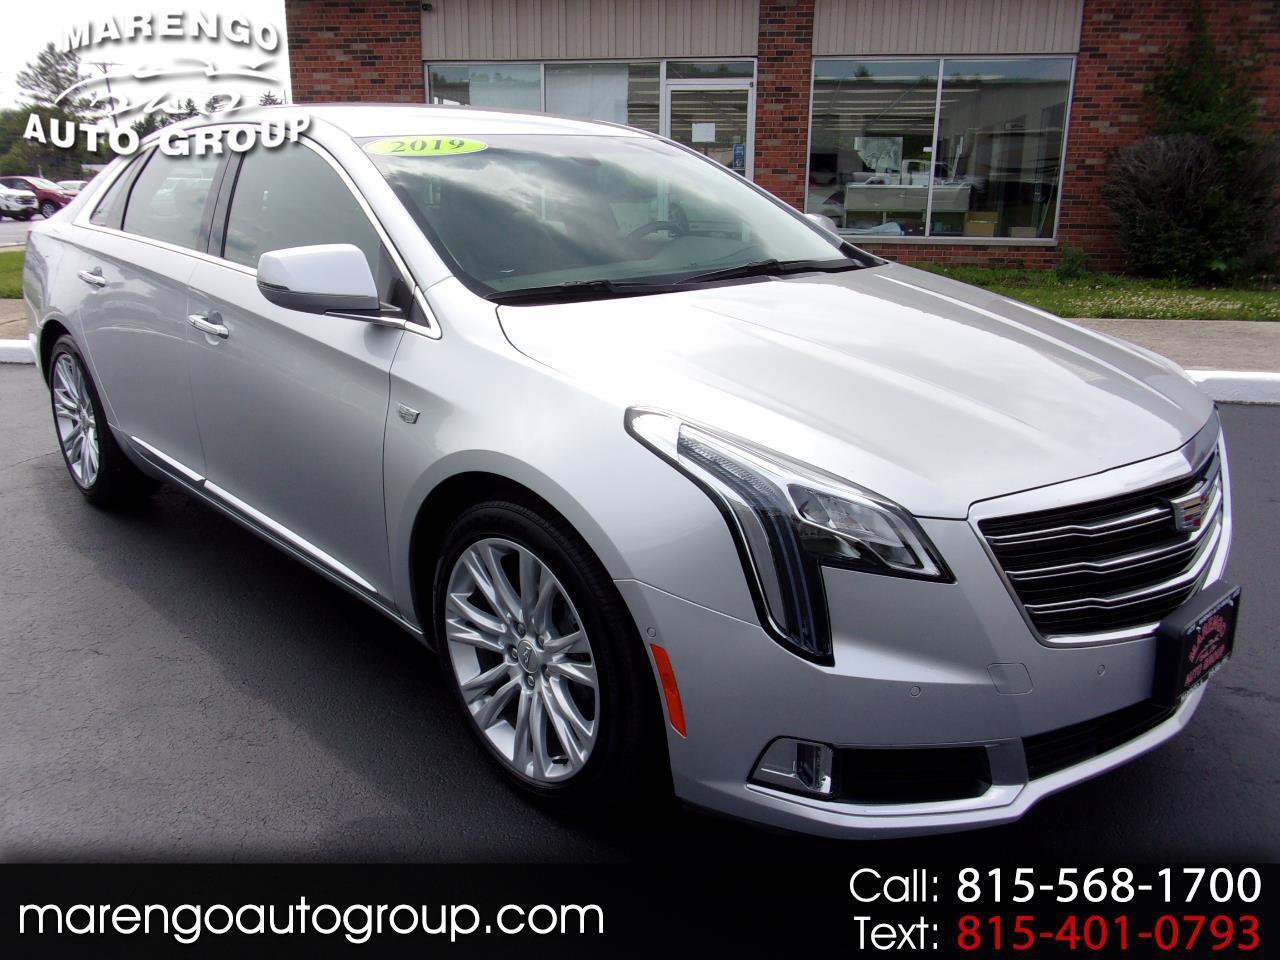 used 2019 Cadillac XTS car, priced at $25,996